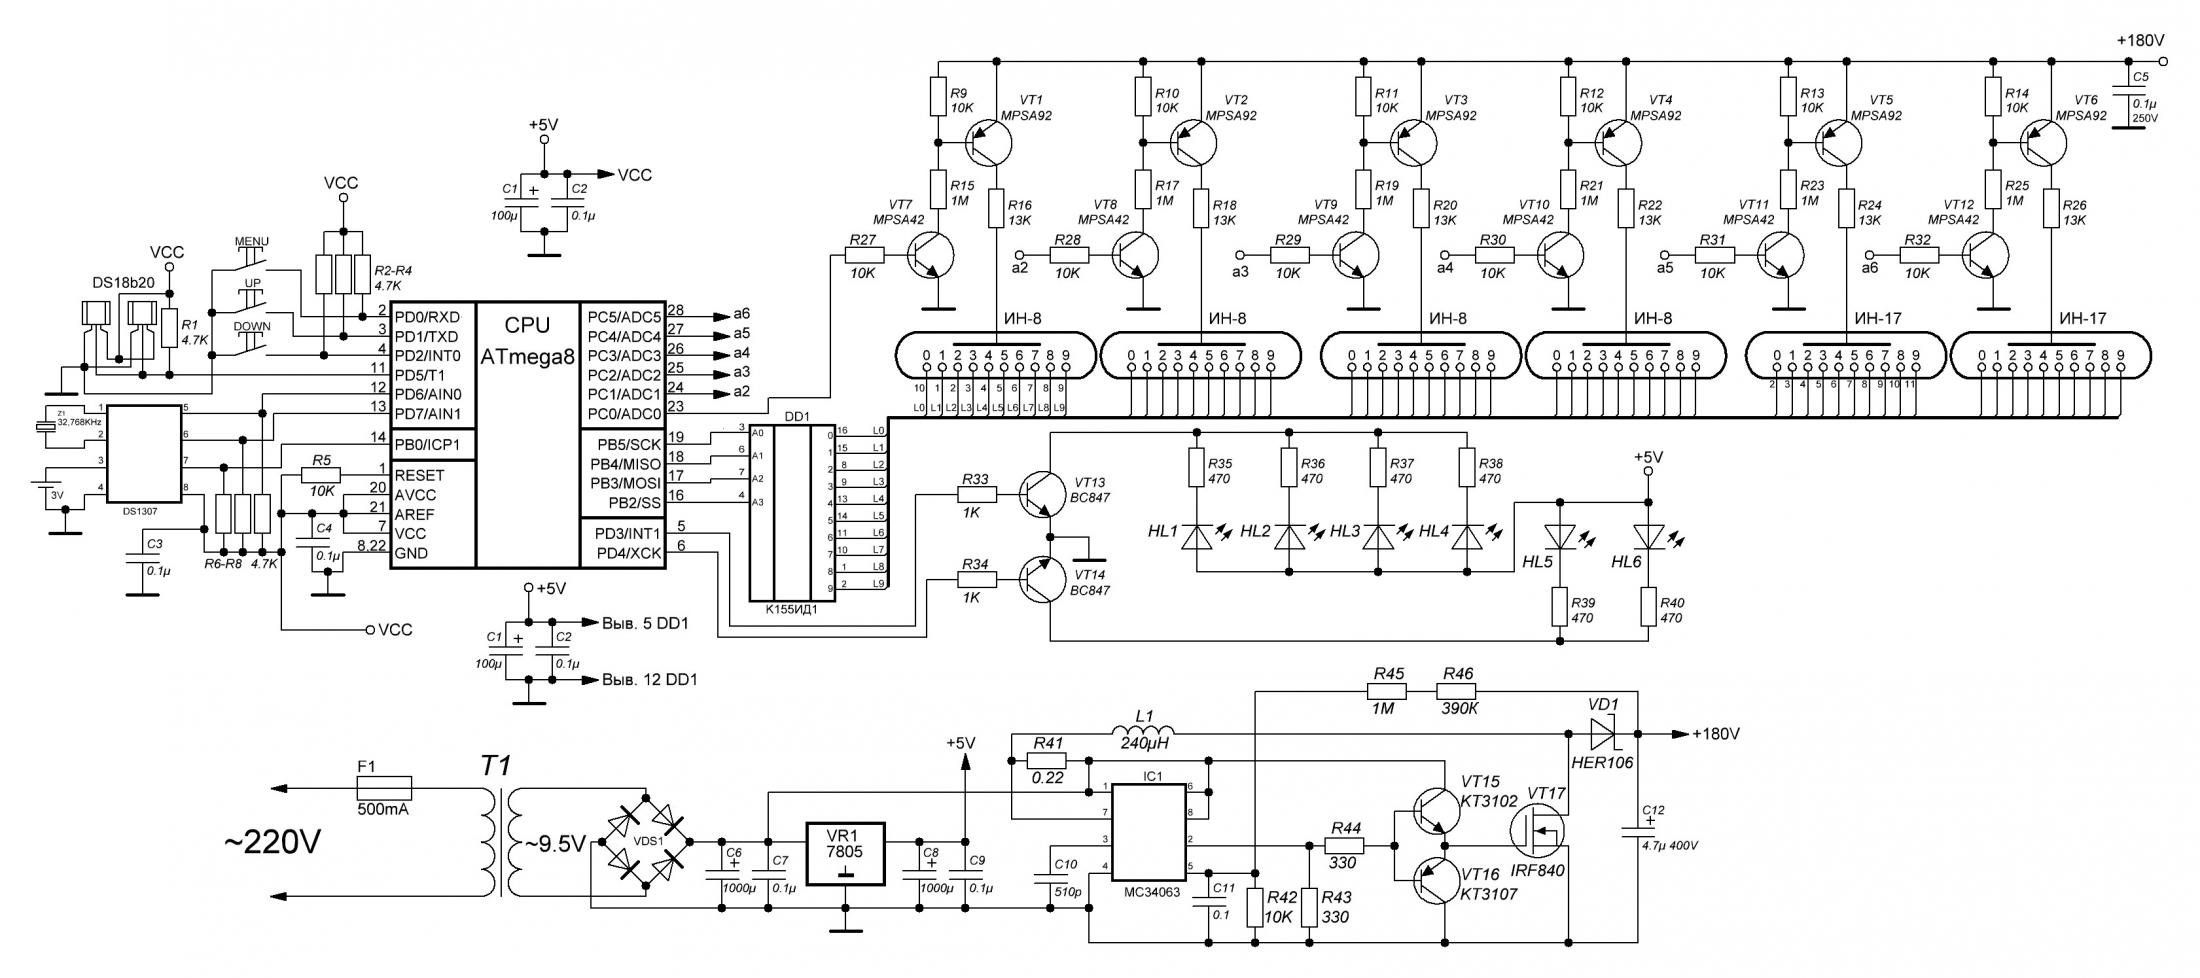 Схема часов на газоразрядных индикаторах фото 778